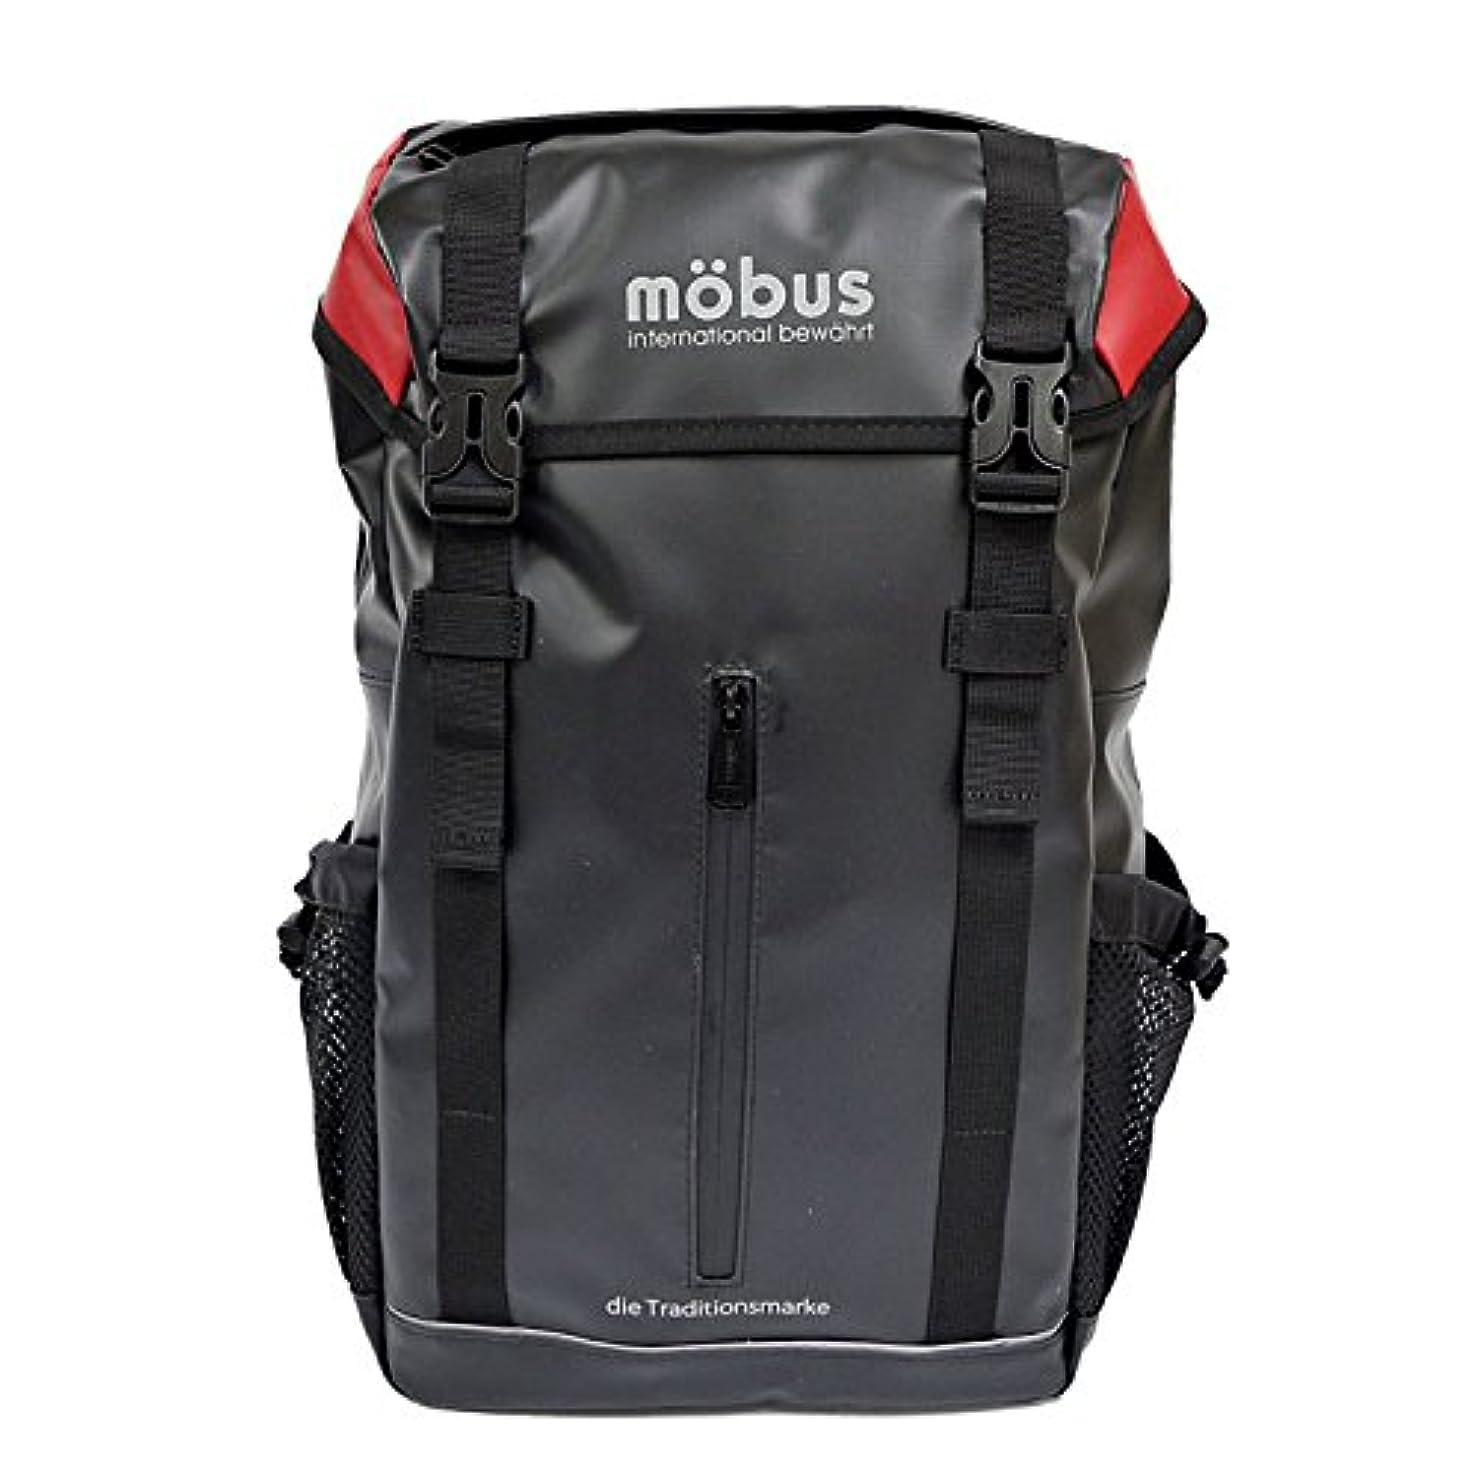 同盟余暇折る[モーブス] MOBUS リュック バックパック リュック メンズ レディース フラップ mo-024 リュックサック 通学 通勤 大容量 かぶせ PC パソコン A4 黒 ターポリン 防水 撥水